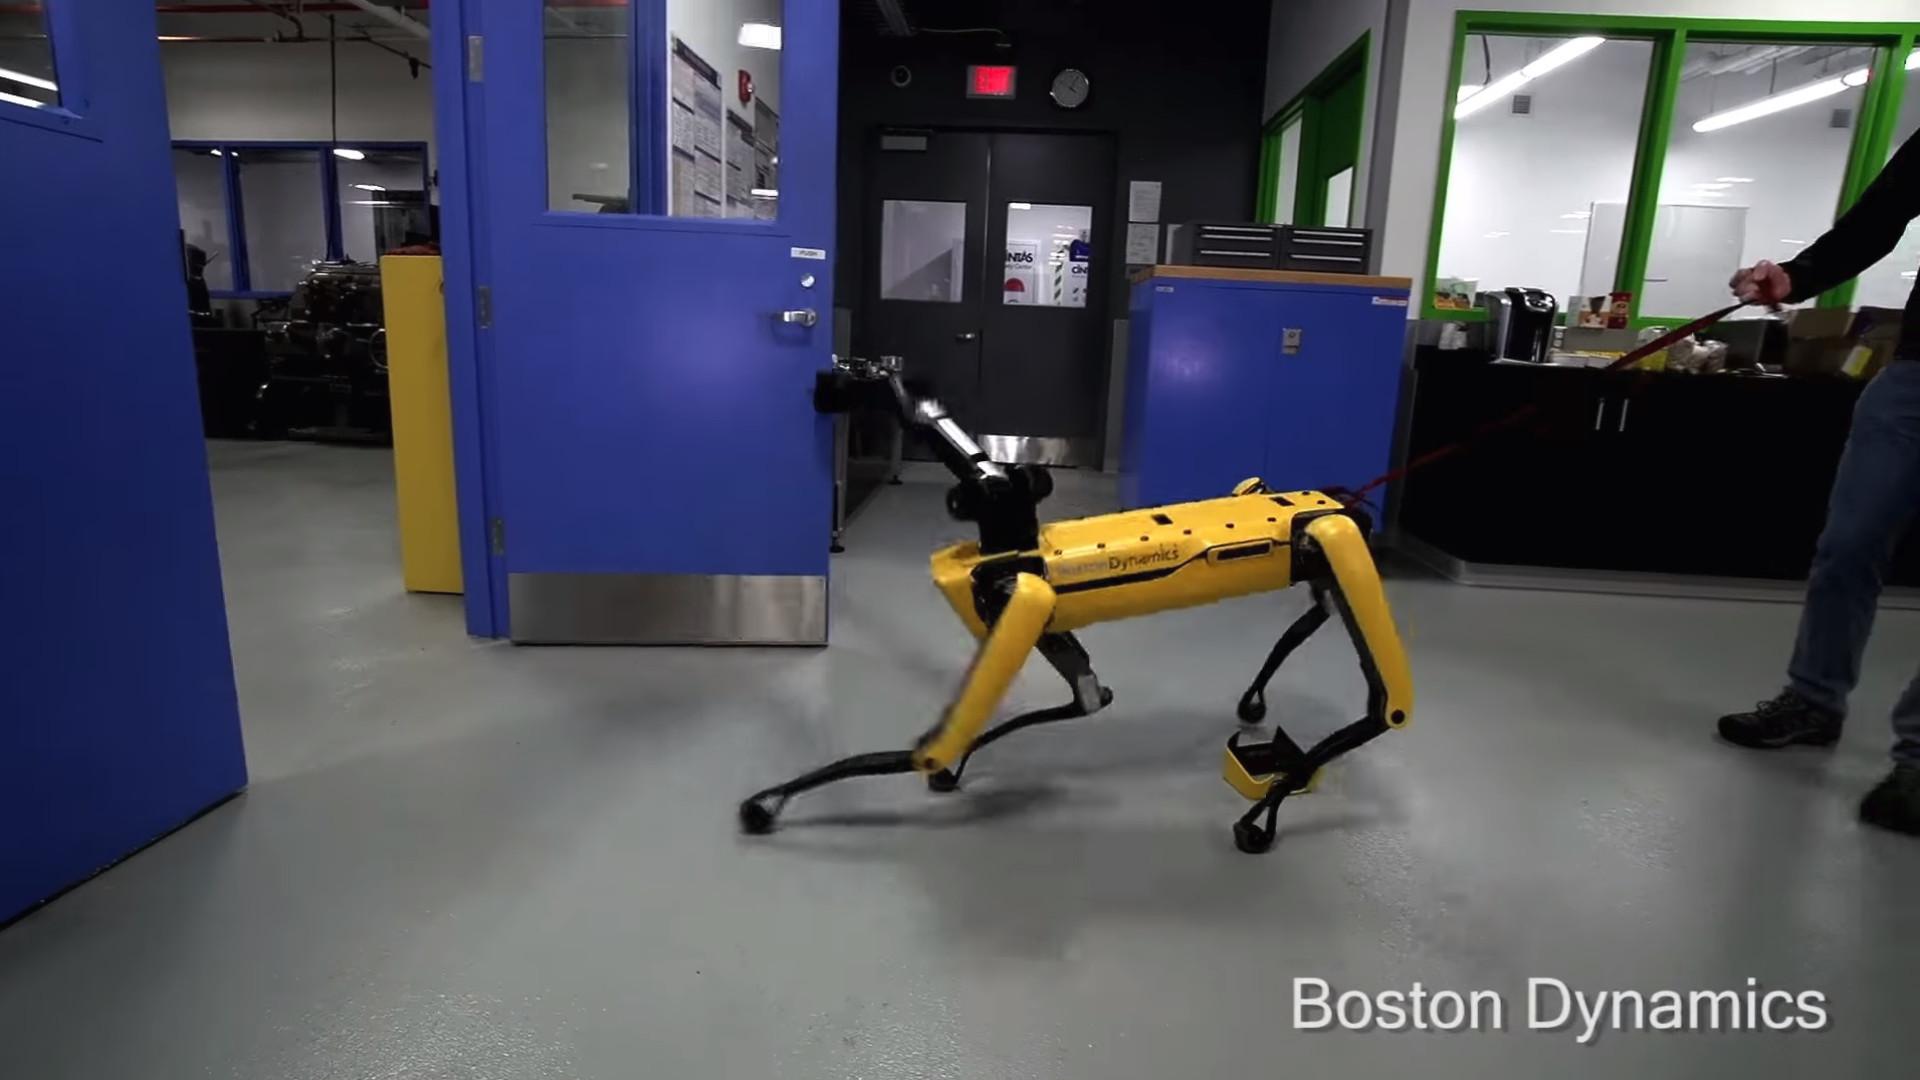 Boston Dynamics continua a maltratar robots no seu mais recente vídeo